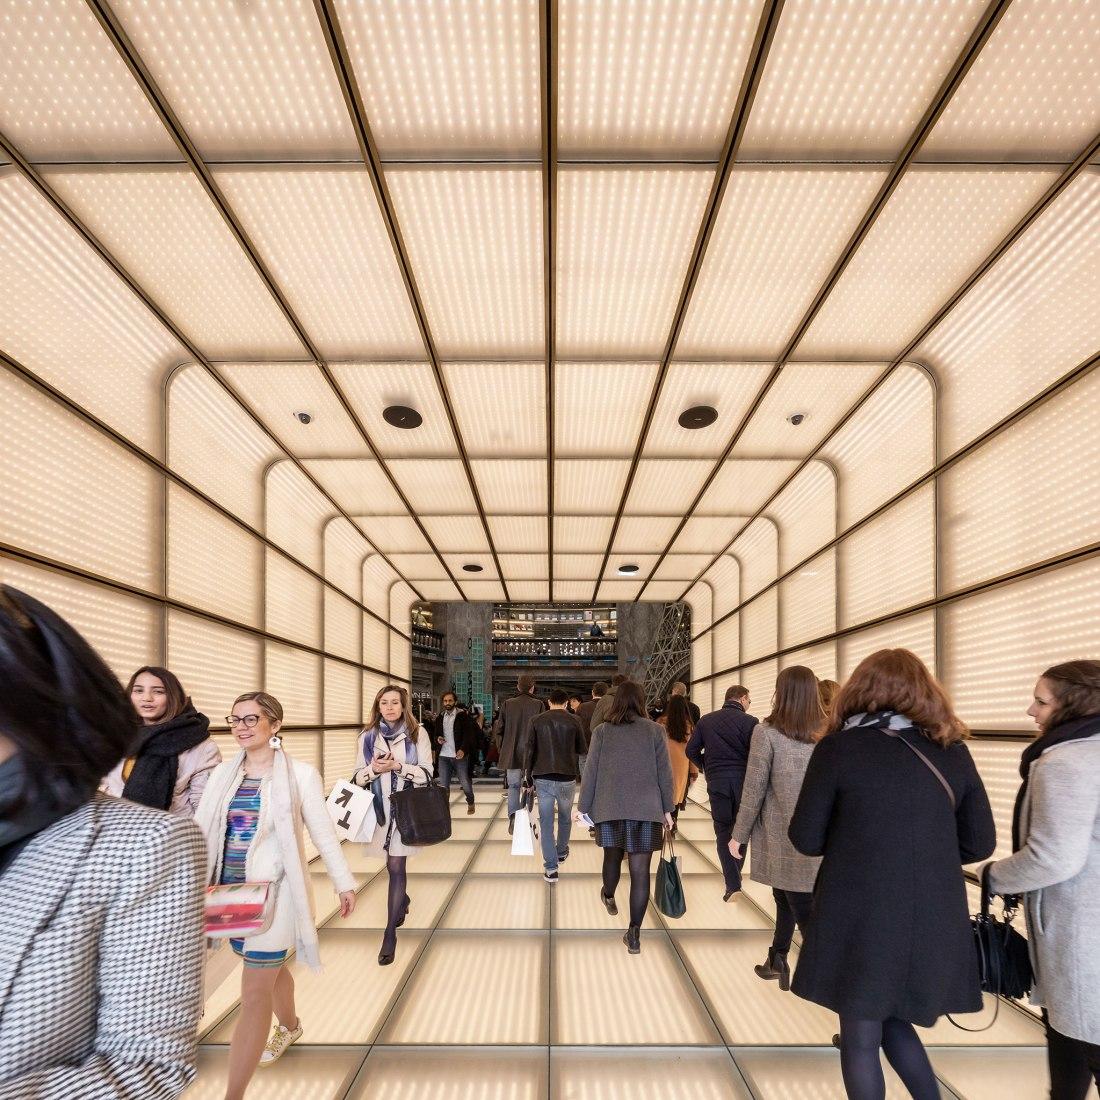 Galeries Lafayette Champs Elysées by BIG. Photograph by Salem Mostefaoui.